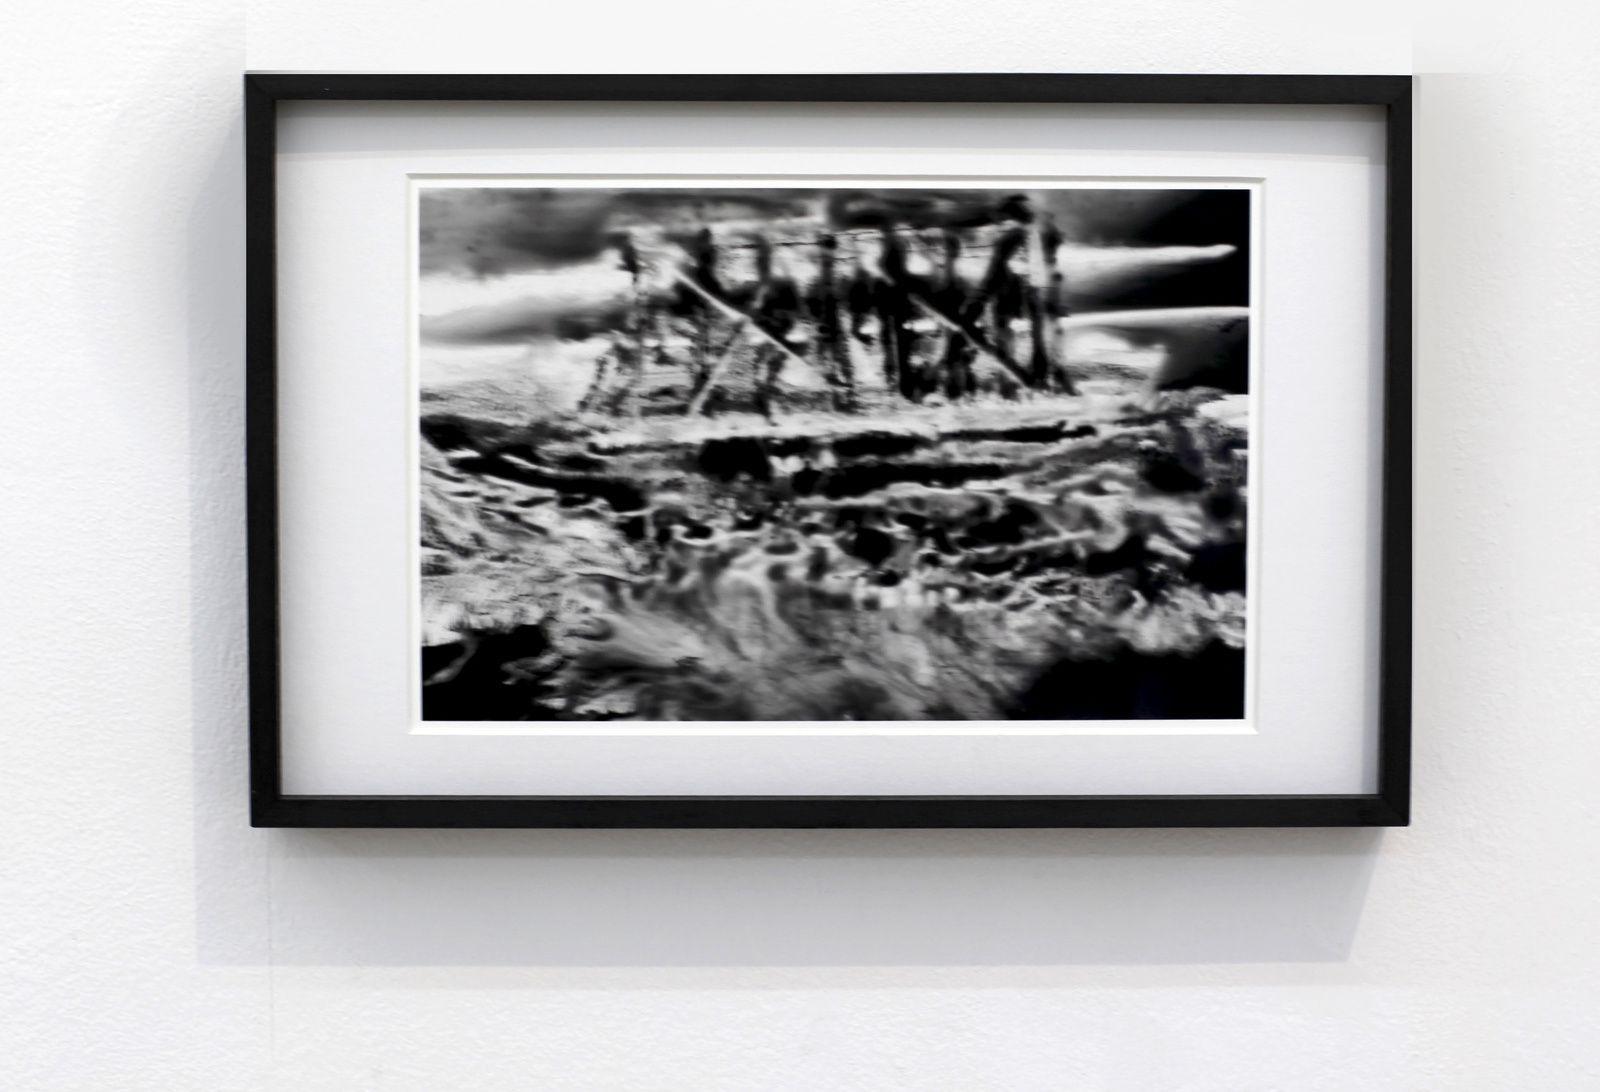 """Serie El umbral de la zona """"Los amigos lioran eso que recuerda"""", 2018 de Hugo AVETA - Courtesy NextLevel Galerie © Photo Éric Simon"""